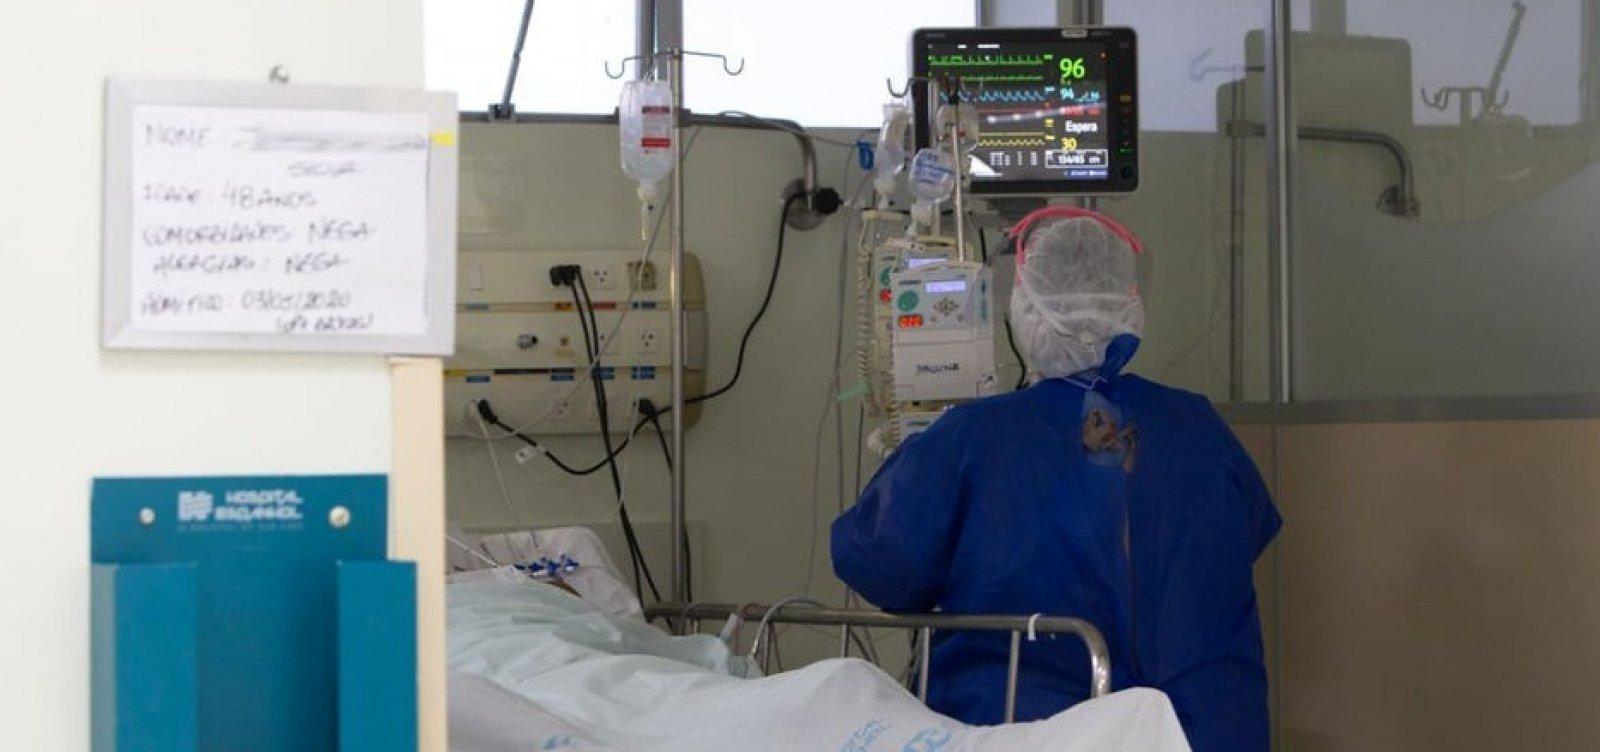 [Brasil ultrapassa França e registra mais de 28 mil mortes por coronavírus]